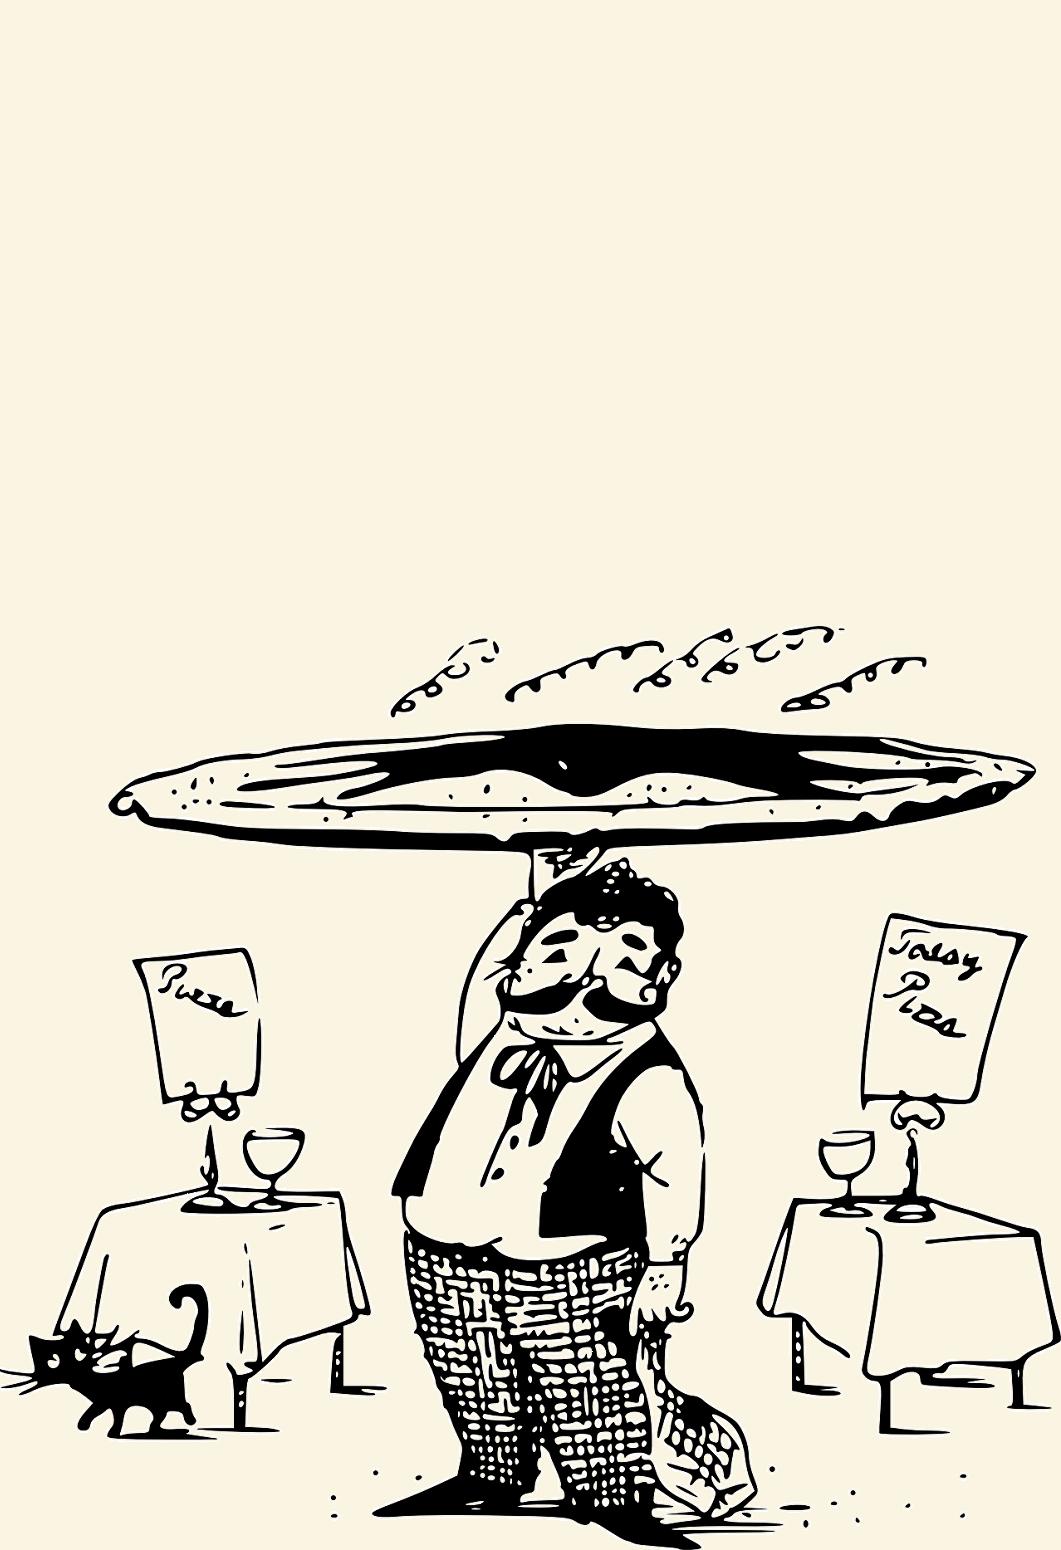 Gutscheinvorlage Restaurant